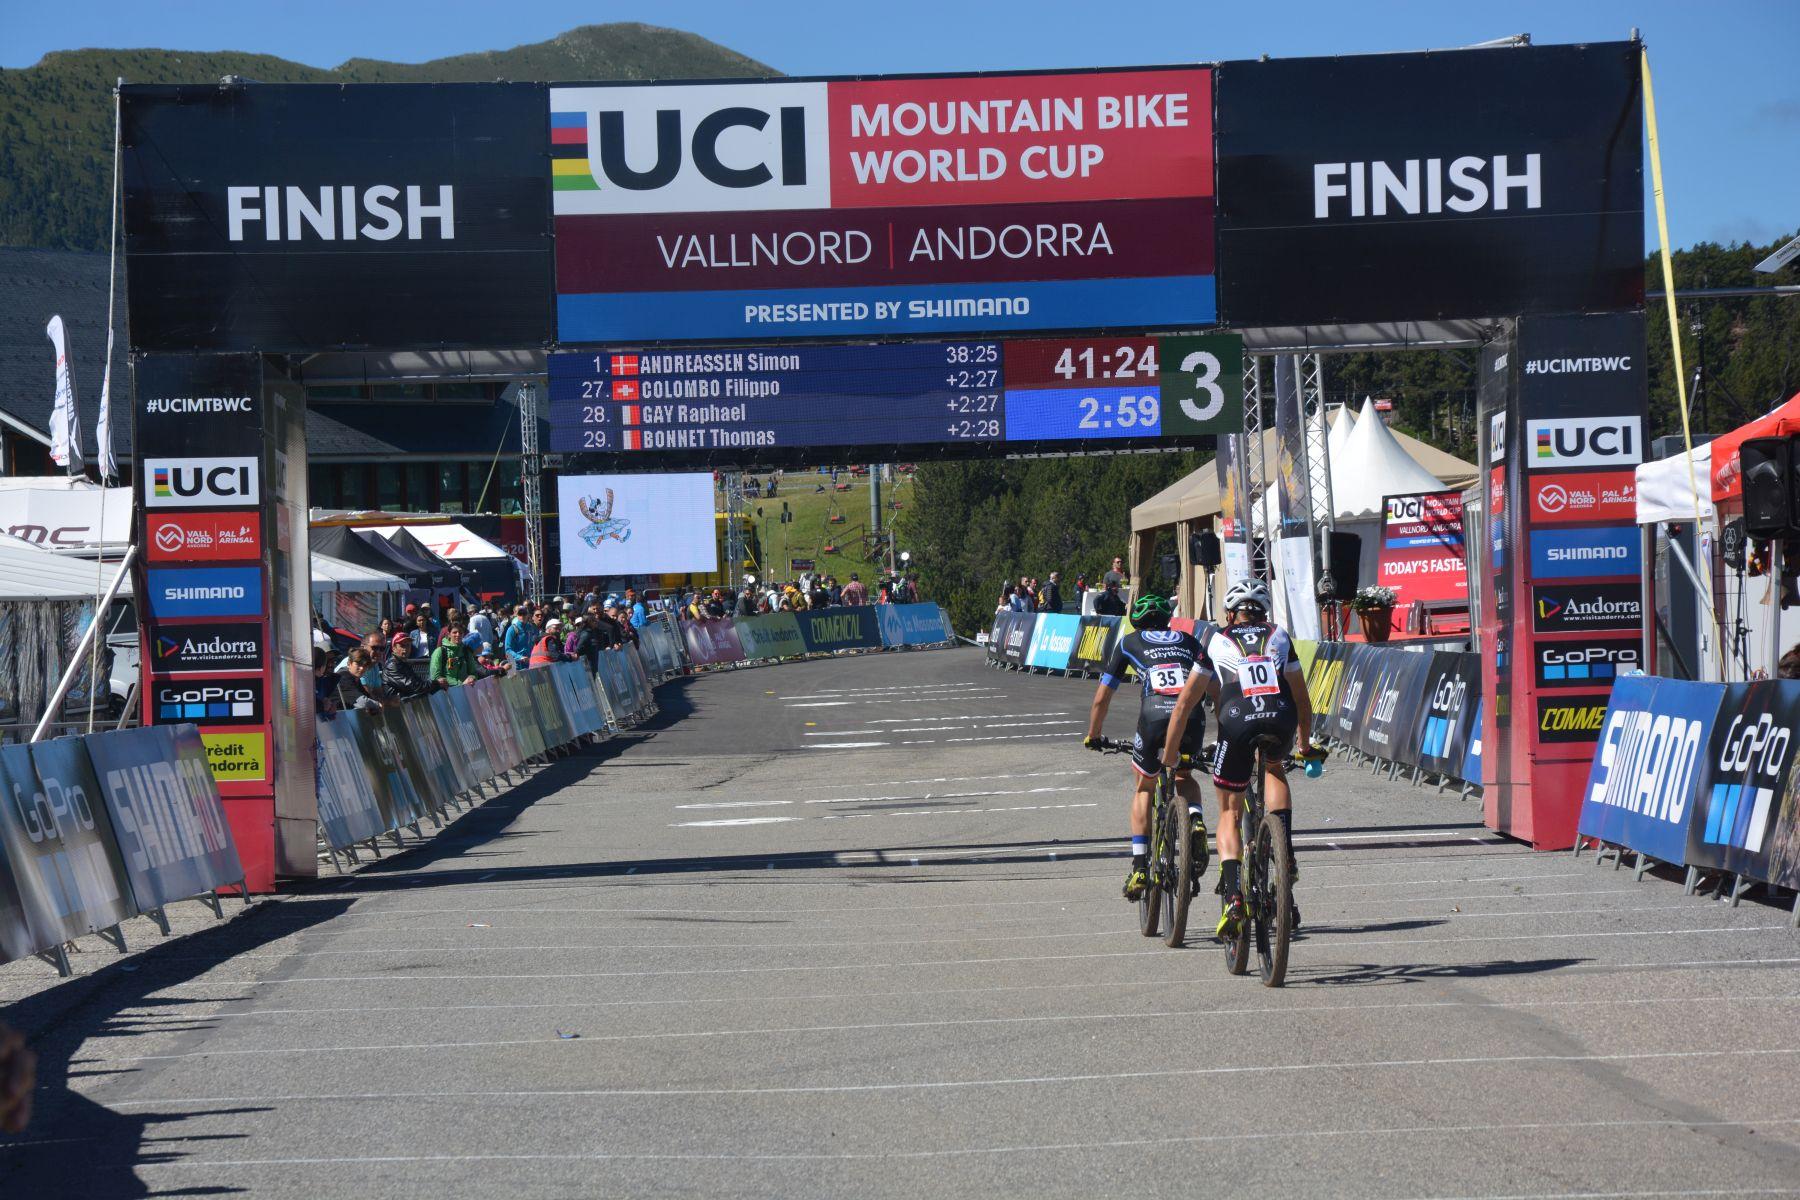 La prueba más emocionante del día fue la sub-23 masculina, con hasta 5 bikers empezando juntos la última vuelta.